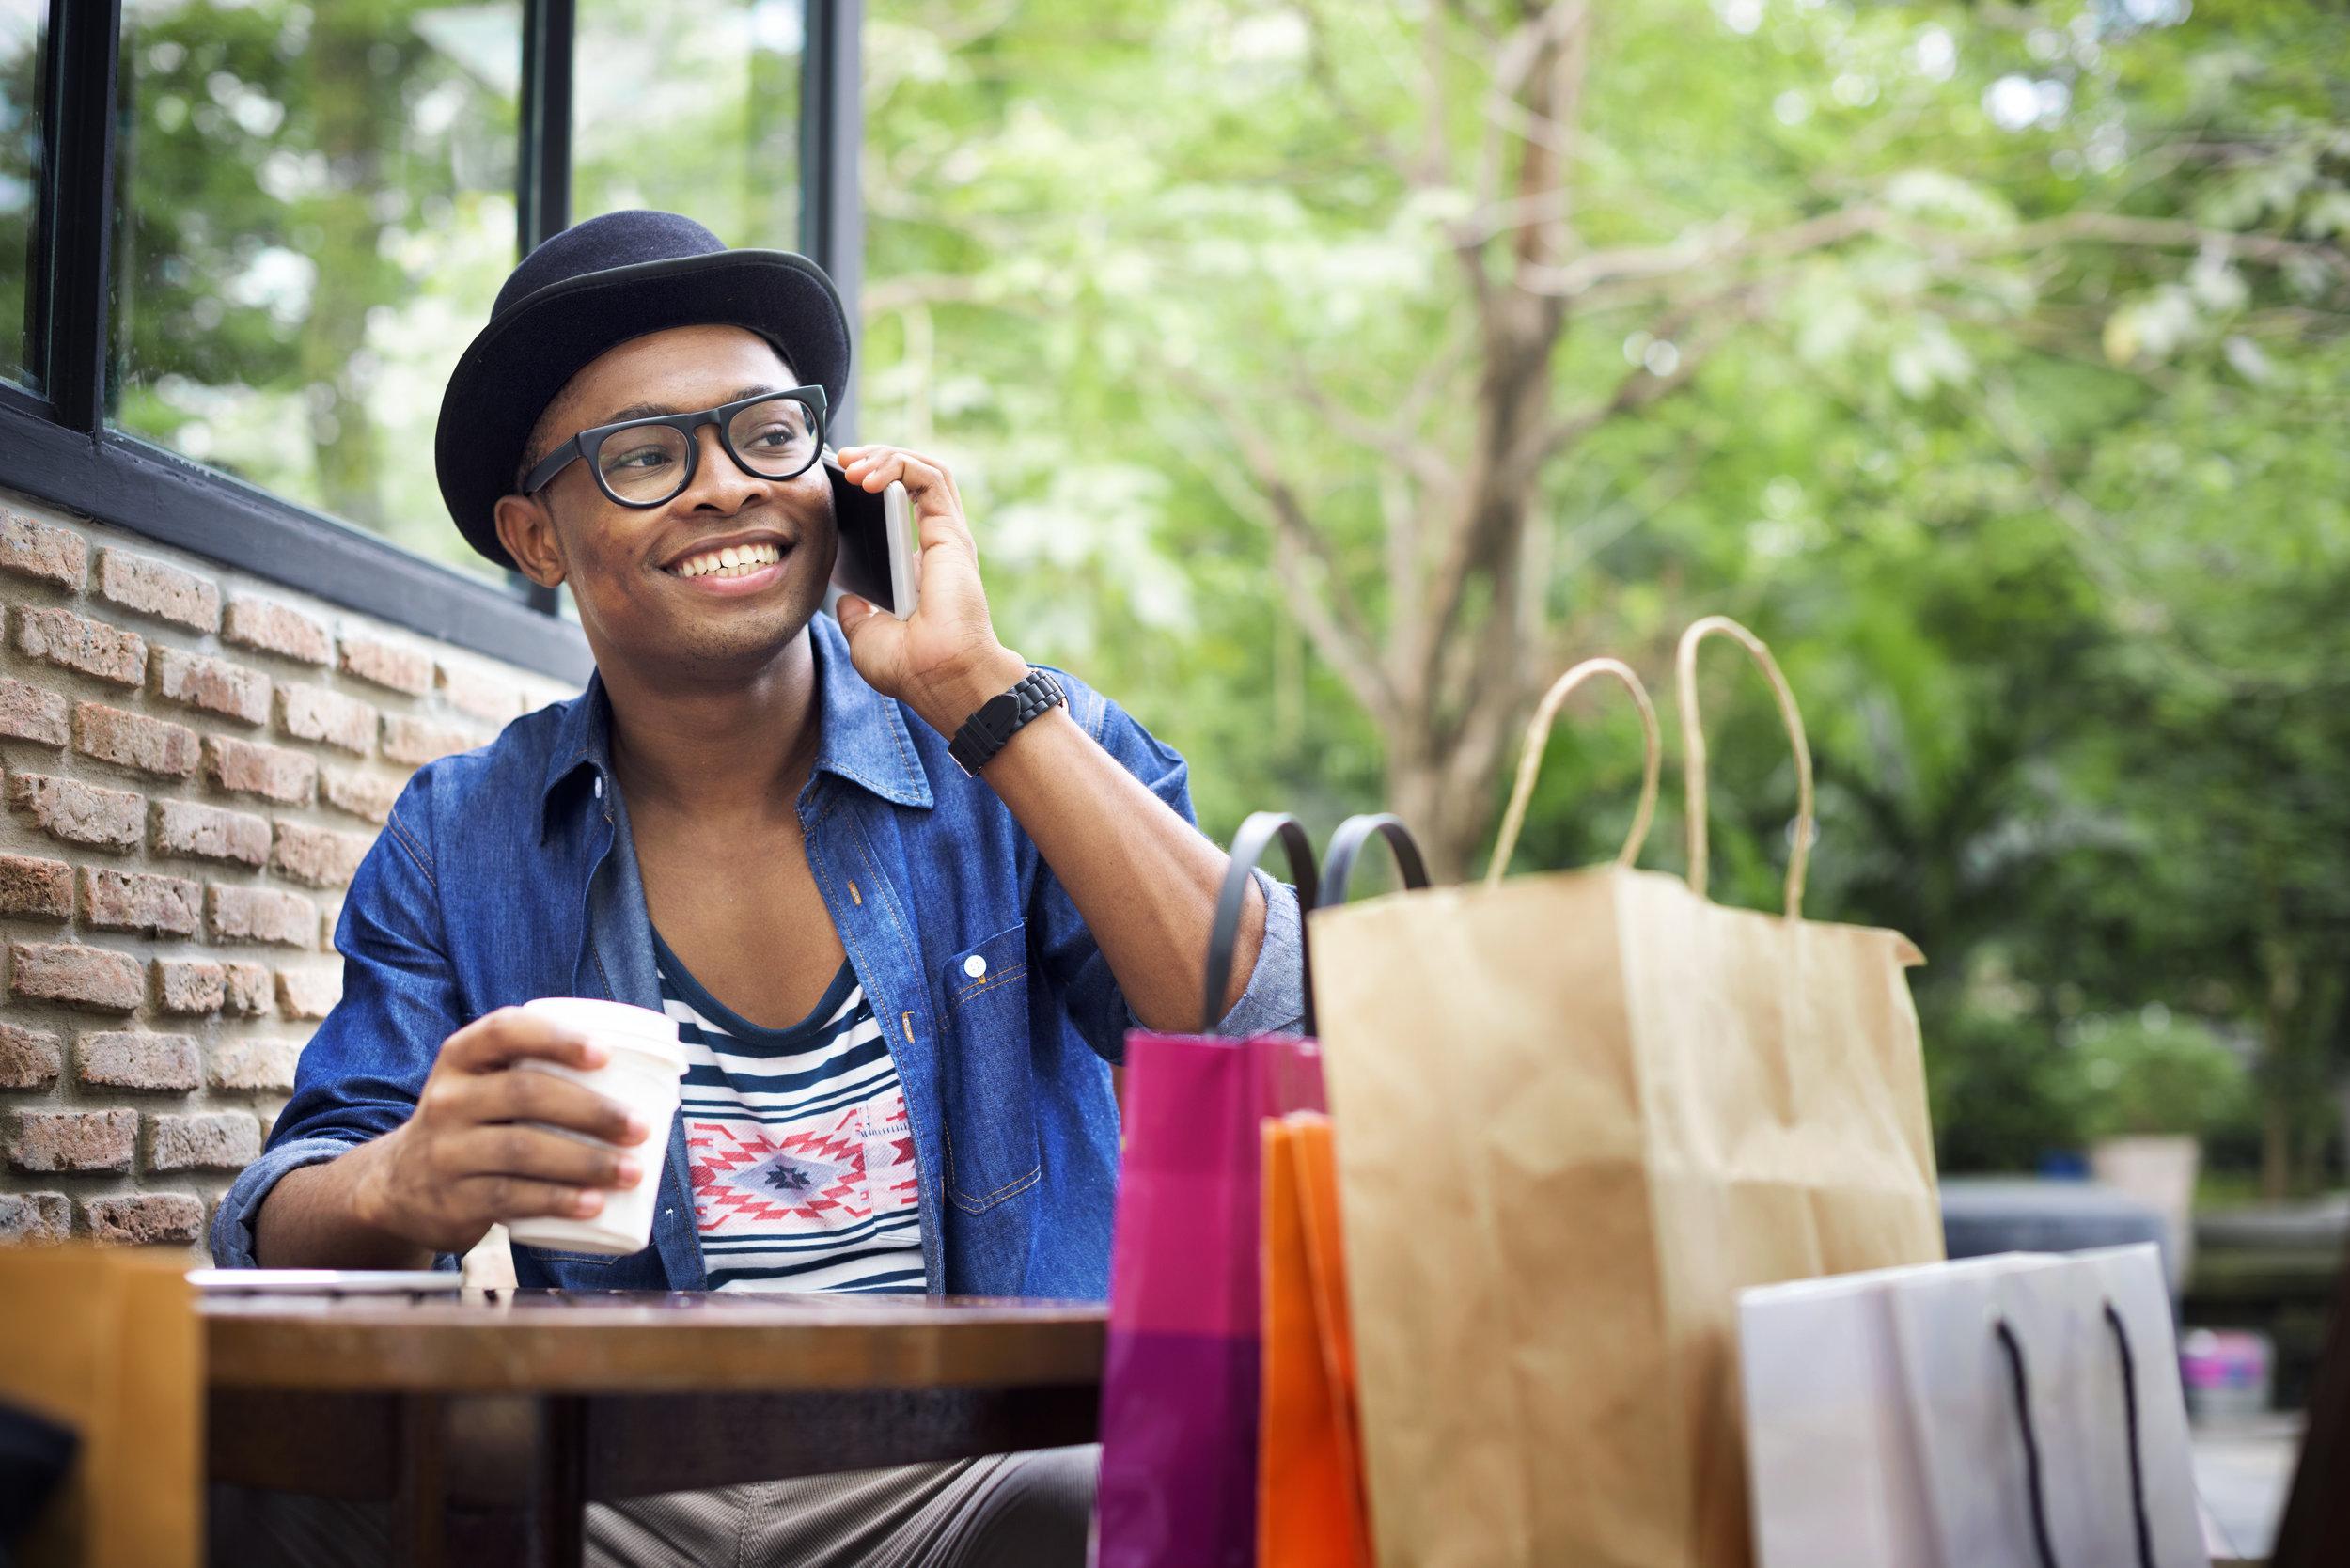 man-shopping-spending-customer-consumerism-PRNRSH9.jpg